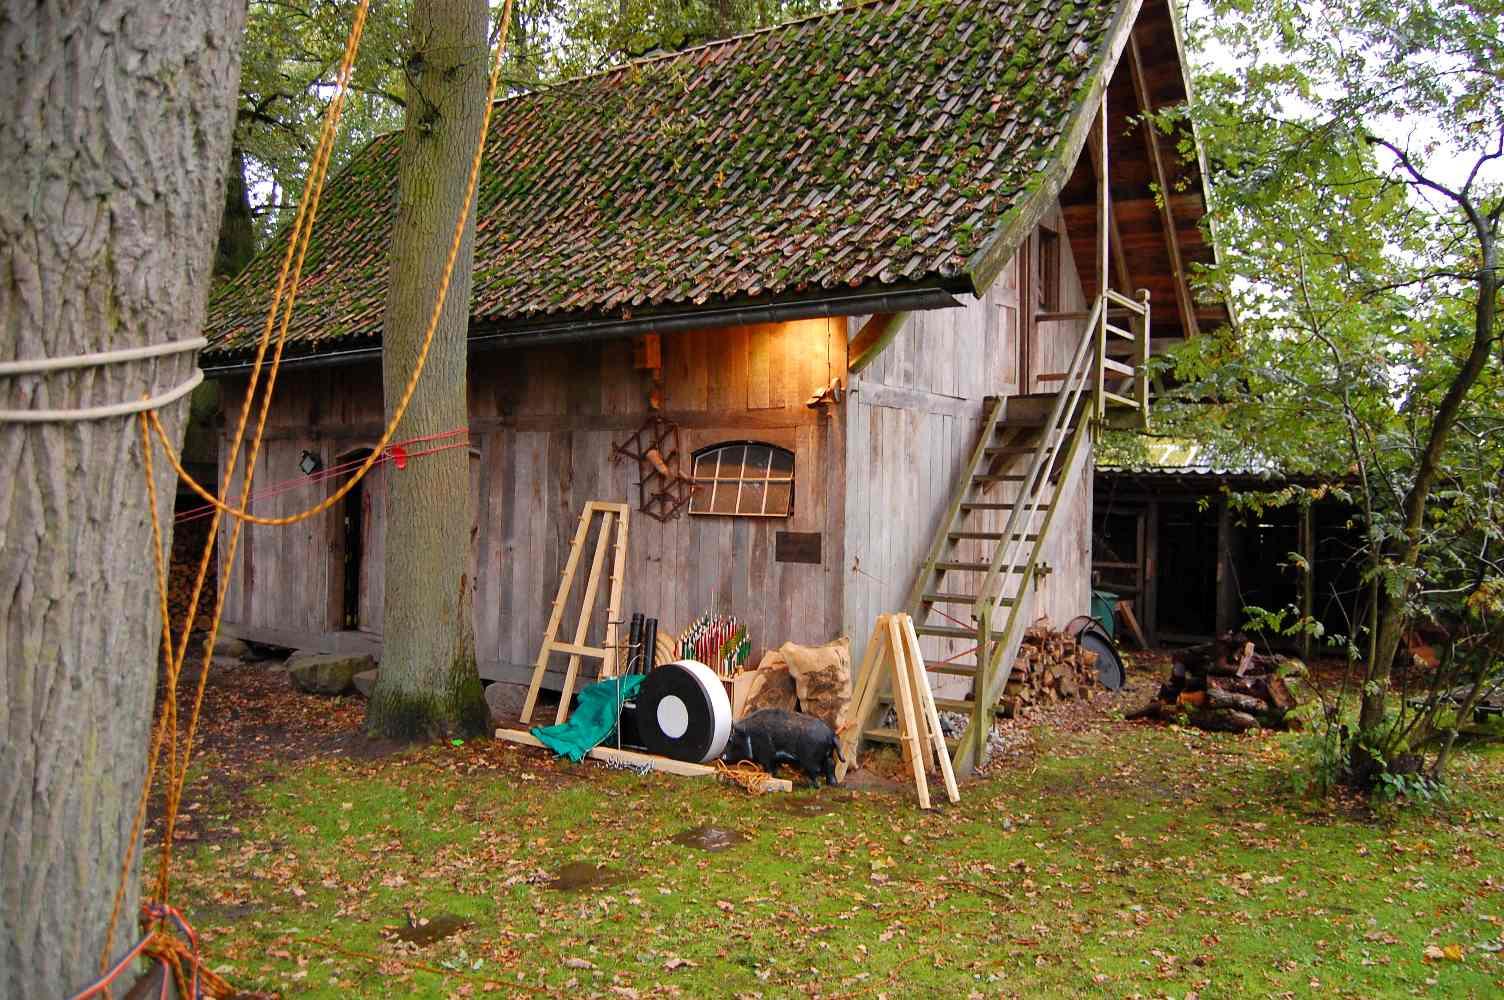 bogenfreund-galerie6100